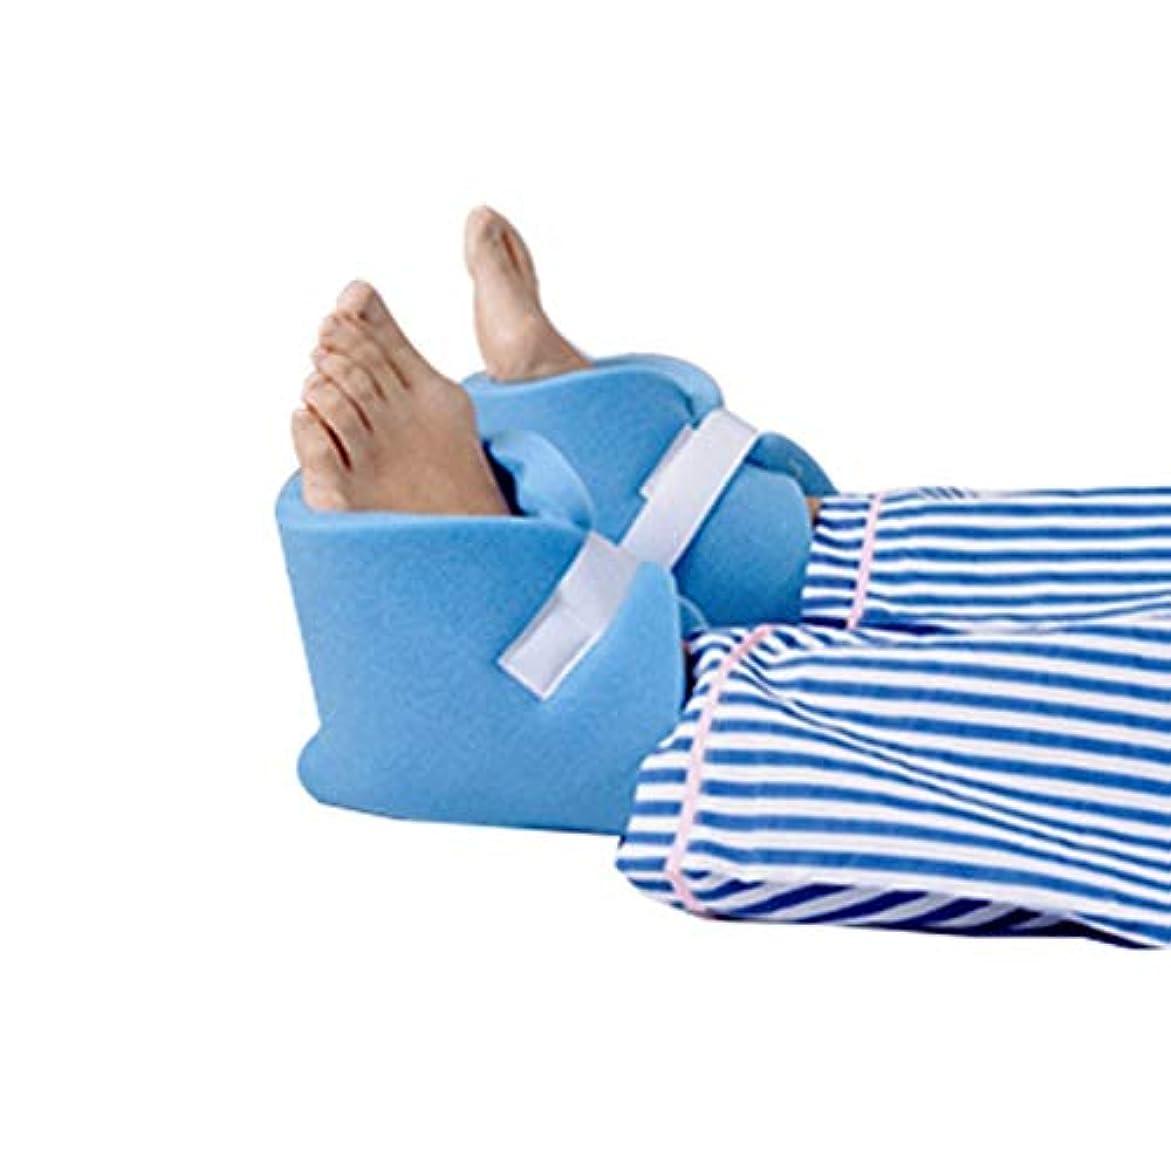 無実変化分析フォームヒールクッション、Pressure瘡予防のための足首プロテクター、デラックスワンペア(ブルー)